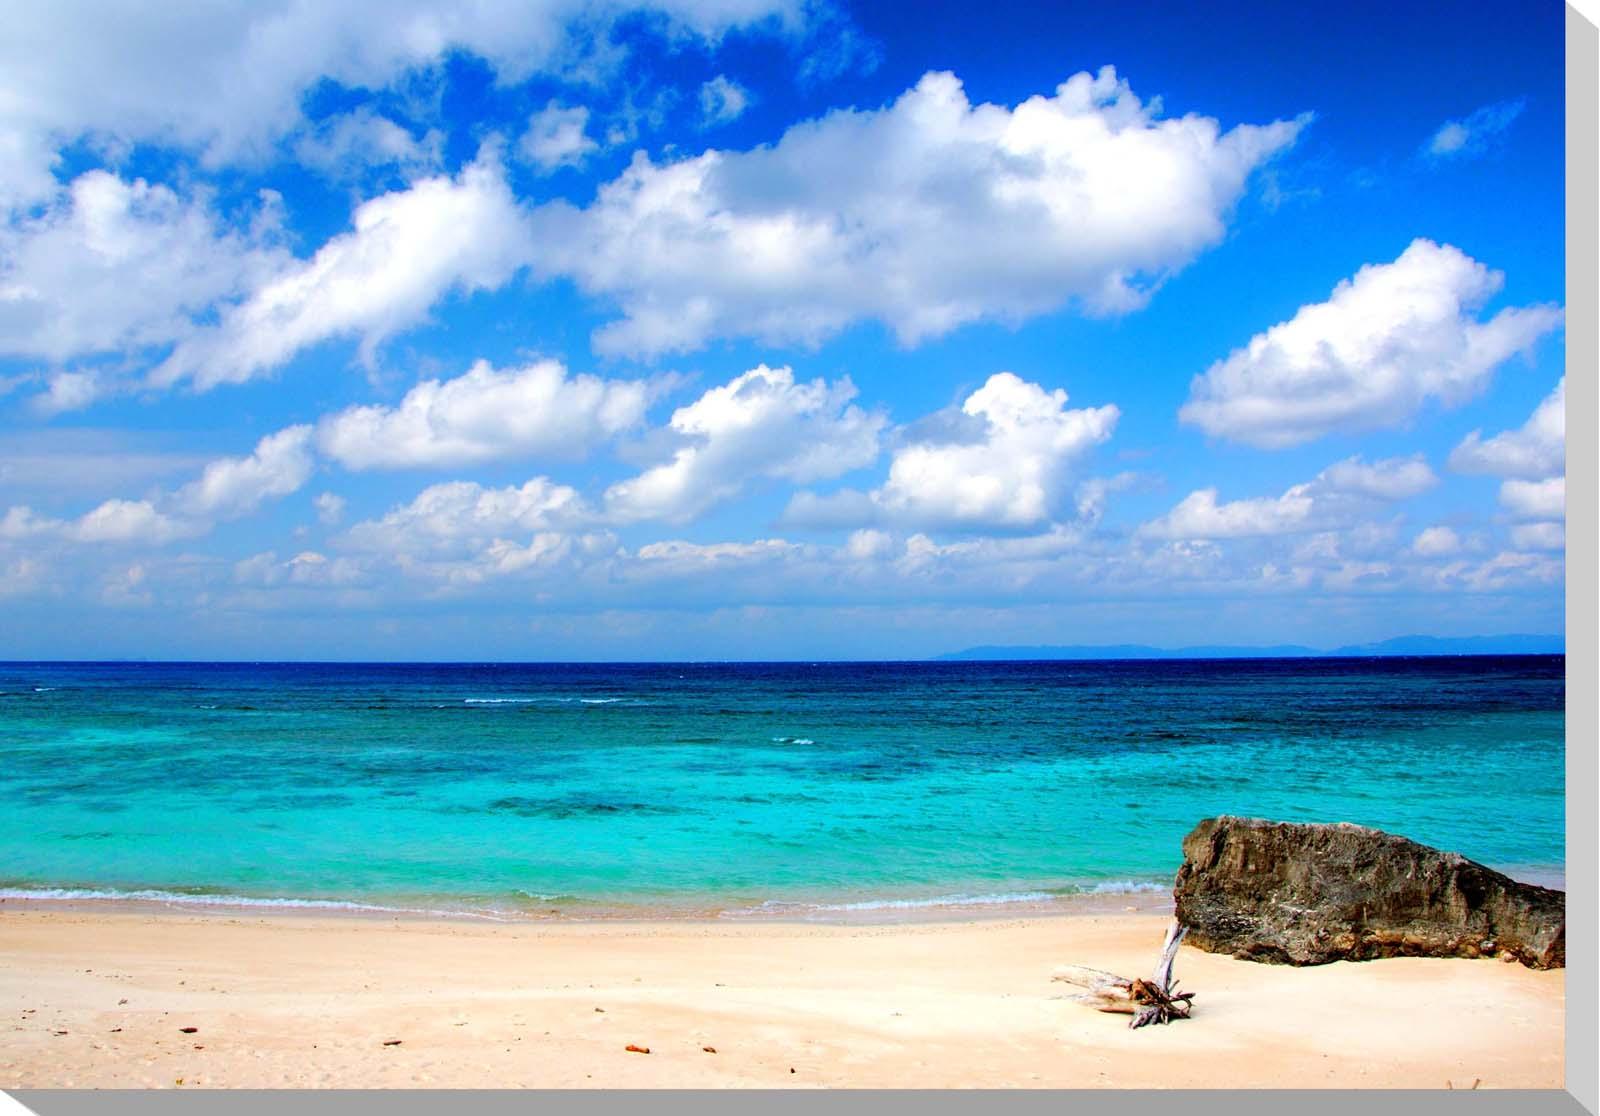 沖縄のタコライスランキングTOP5を紹介!定番のキングタコスから人気店まで!